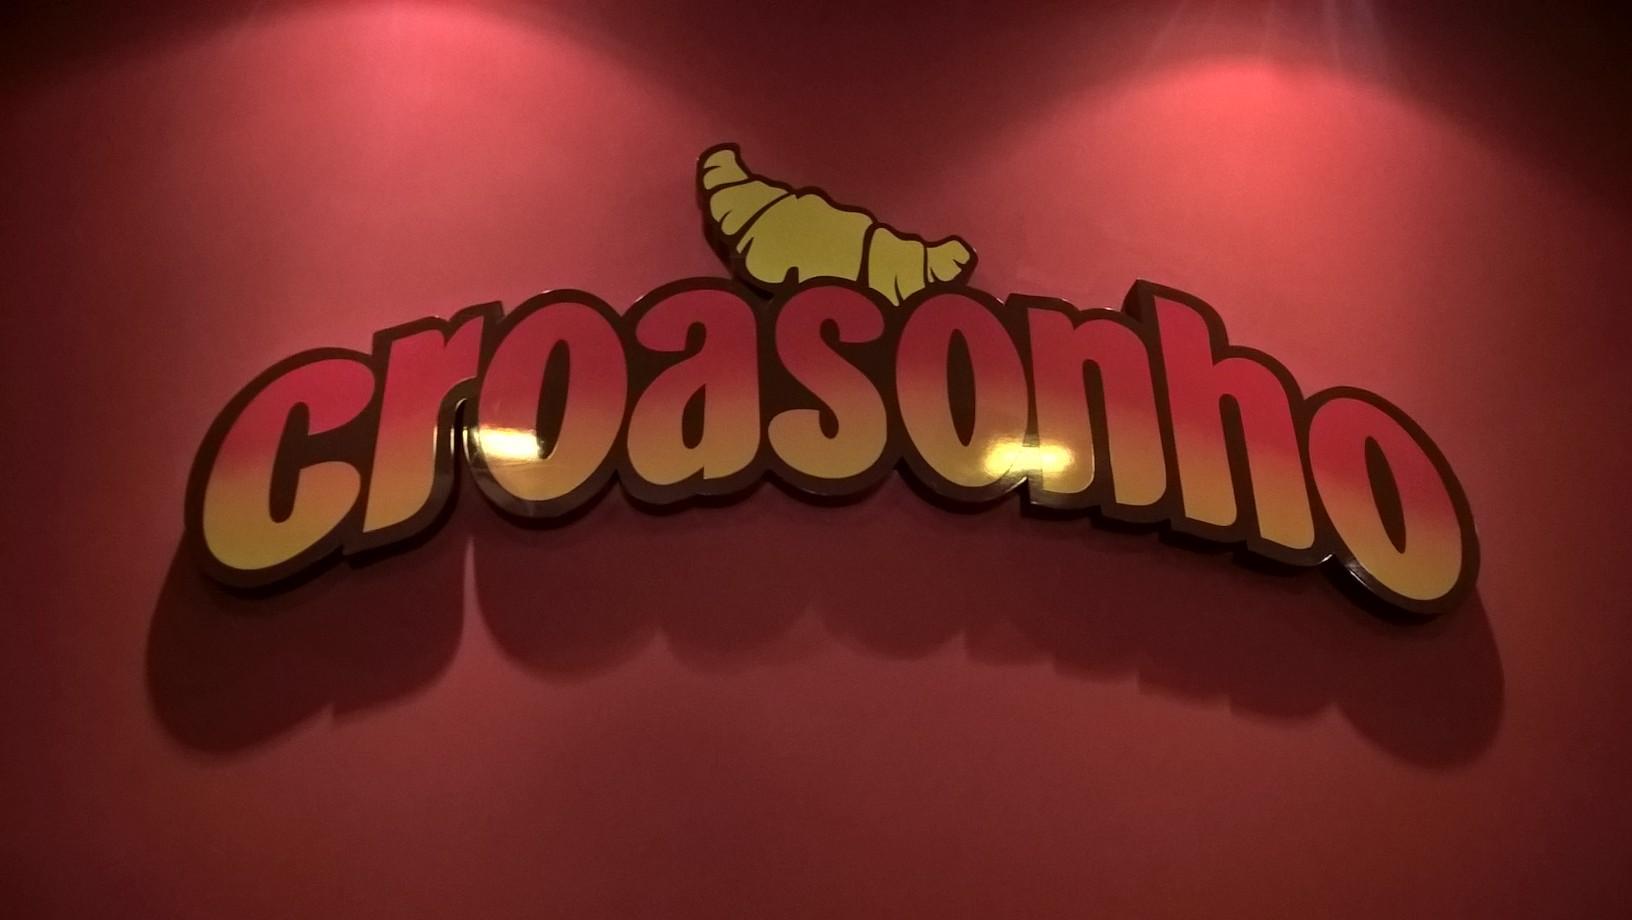 Croasonho São Paulo: Croissant para todos os gostos